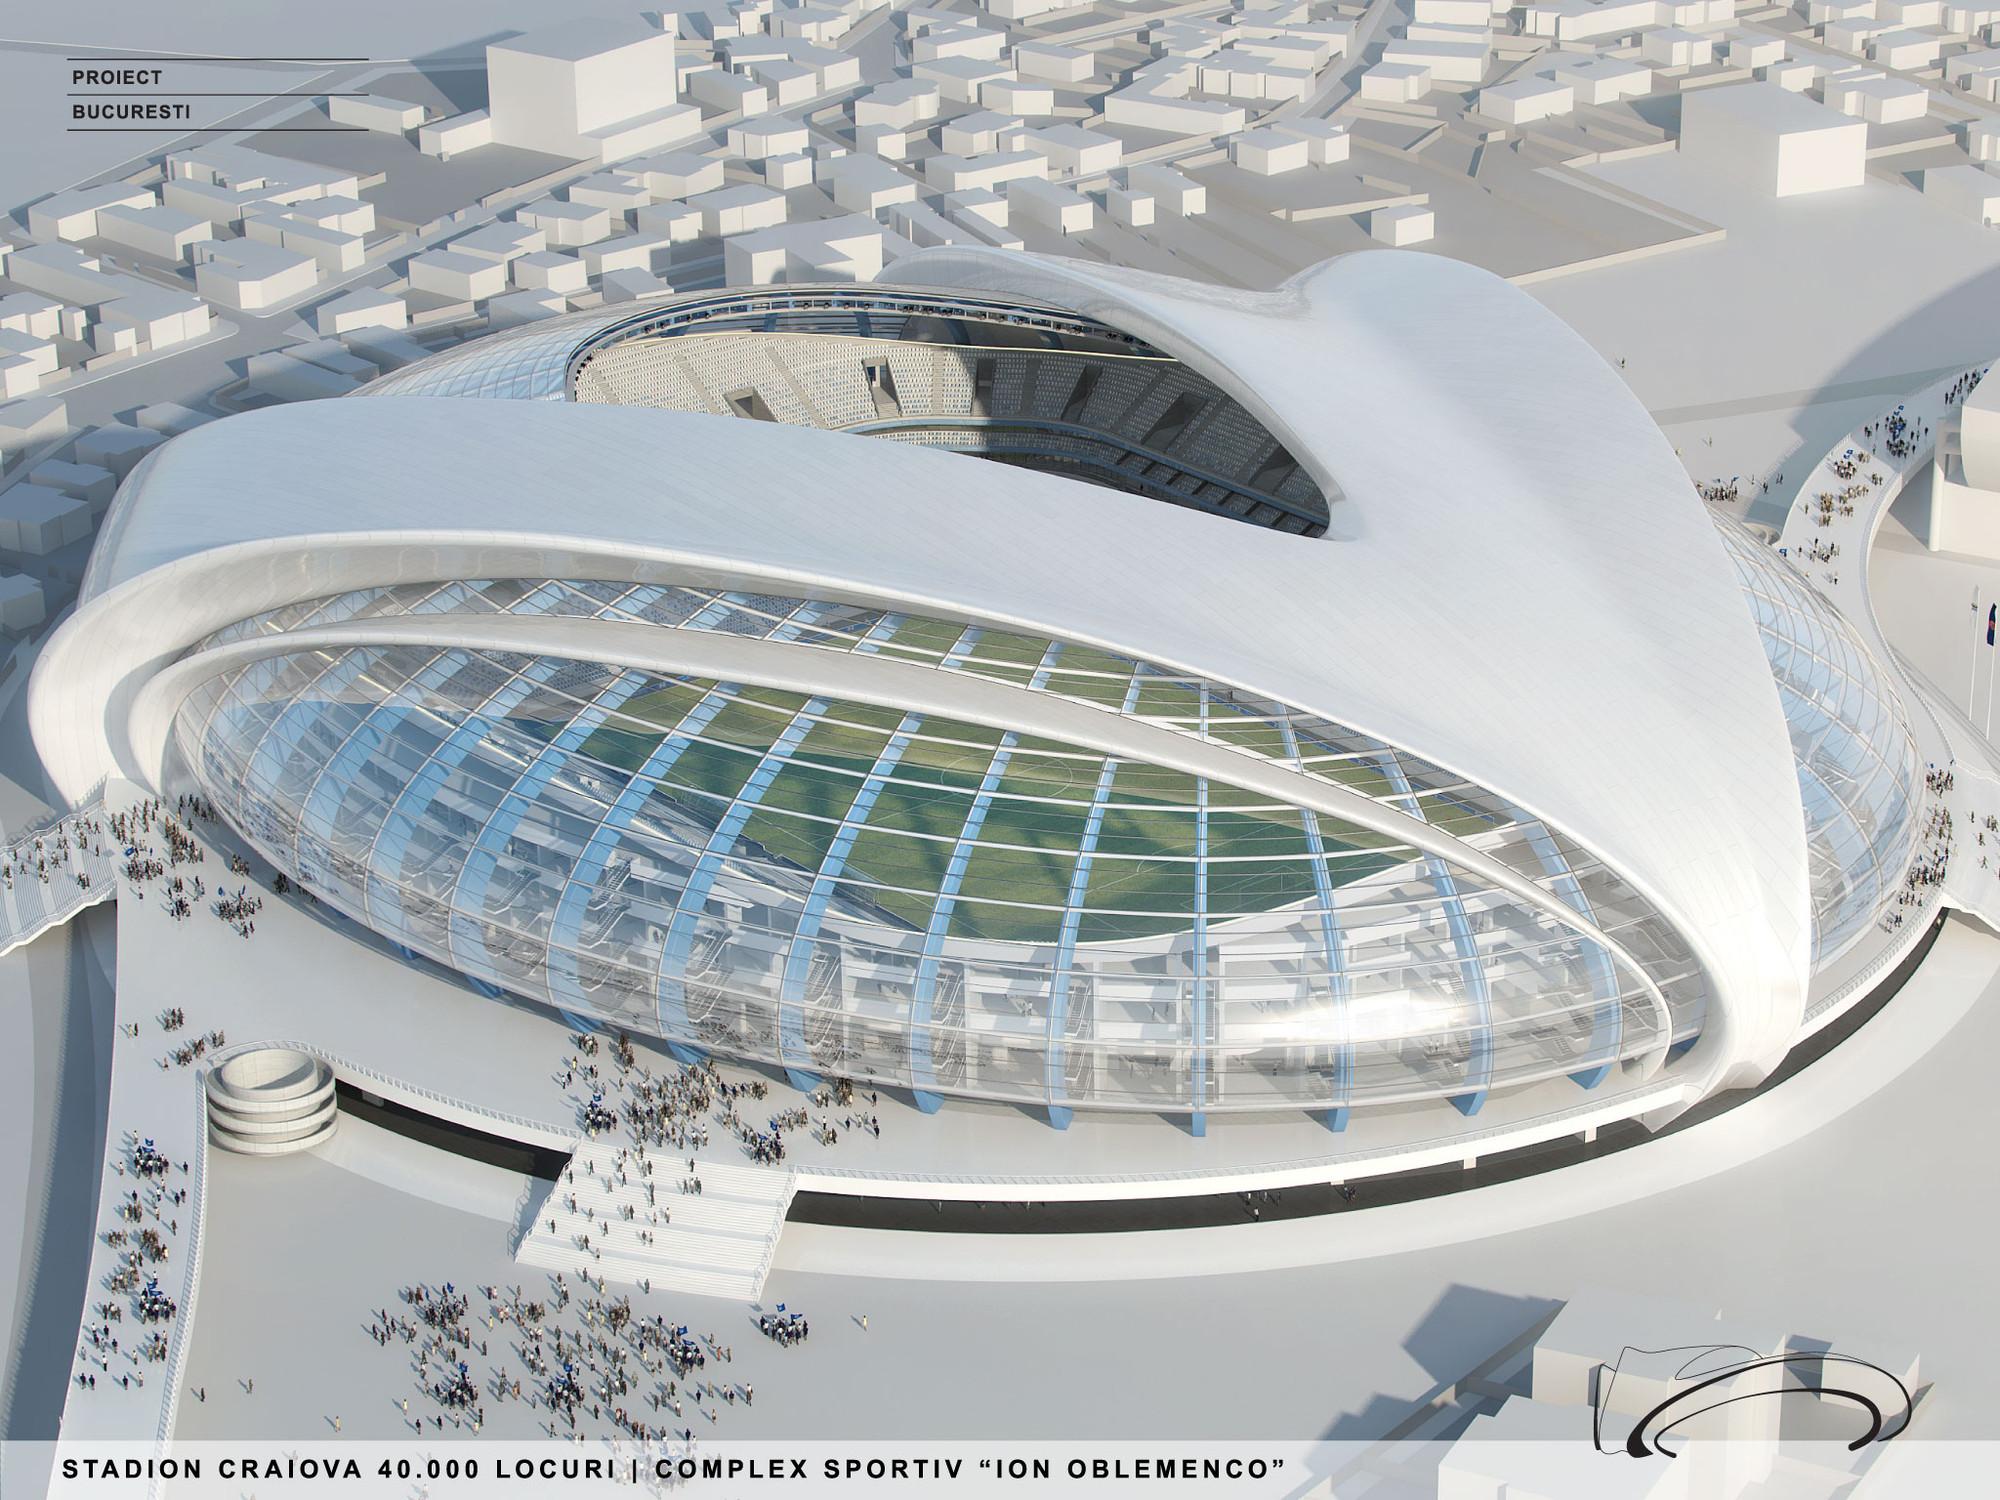 Propuesta de Estadio Sustentable para Craiova / Proiect Bucuresti, Cortesía de Proiect Bucuresti